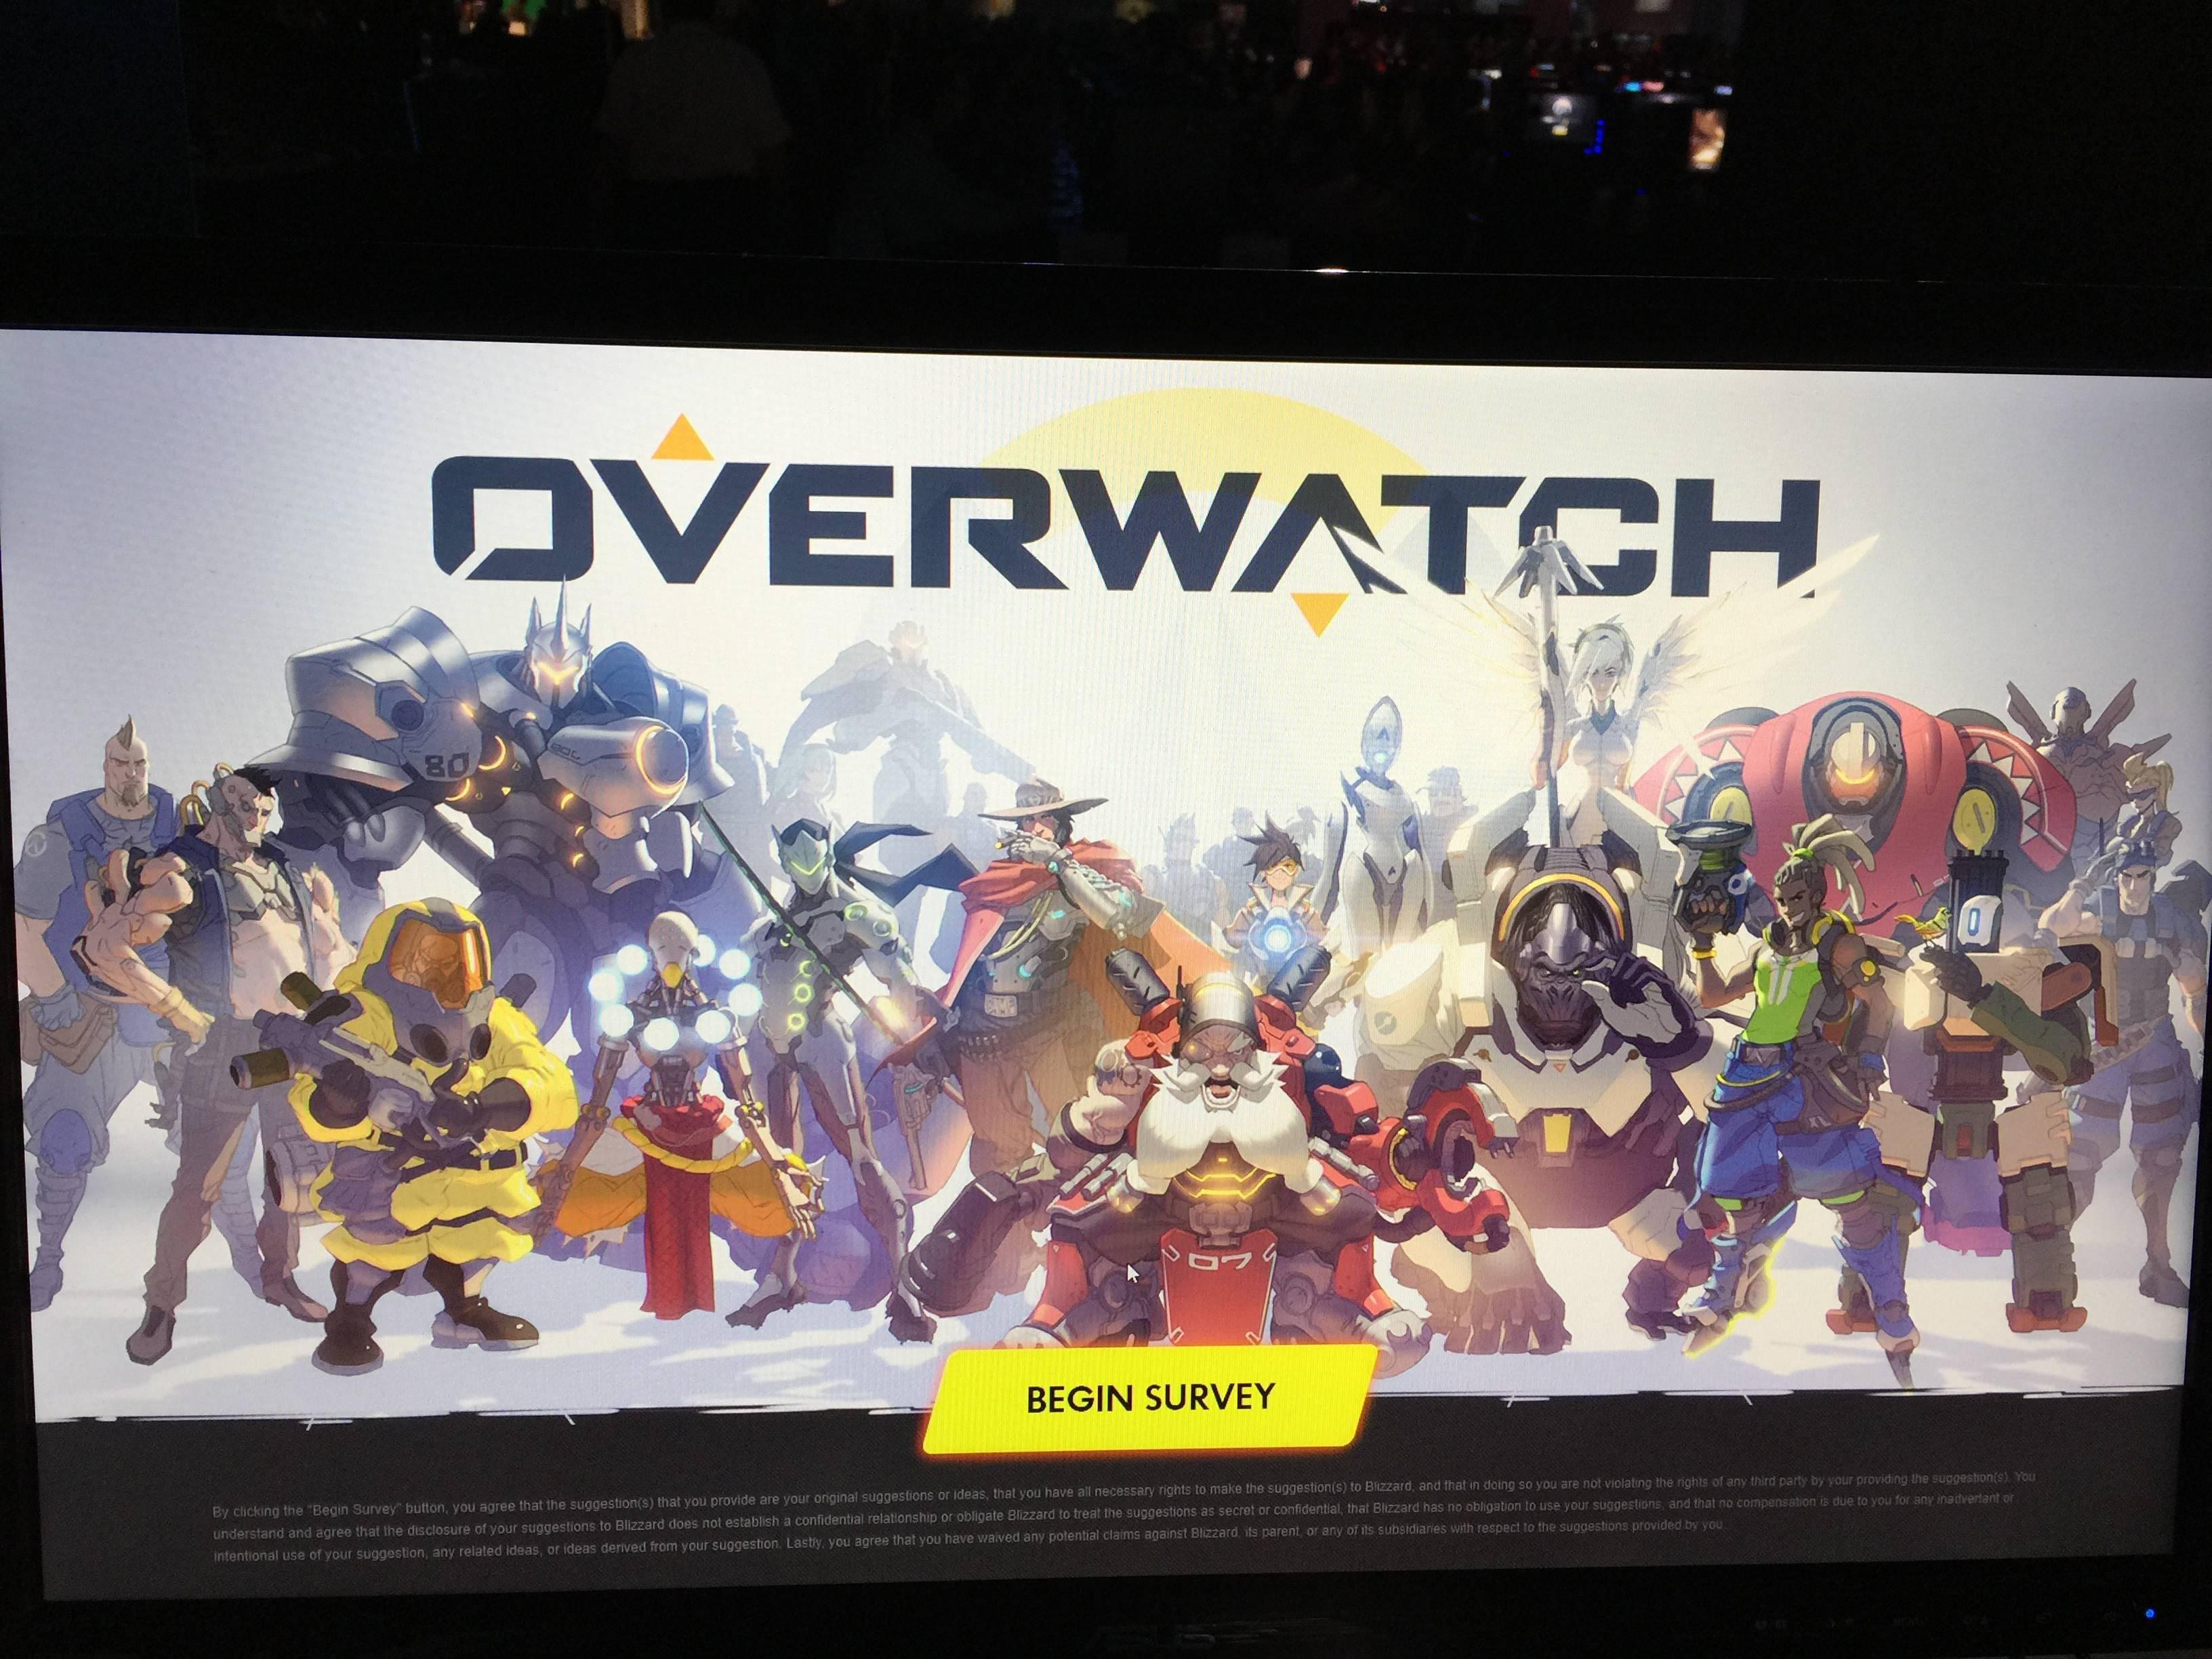 Owerwatch - не анонсированные герои! - Изображение 1